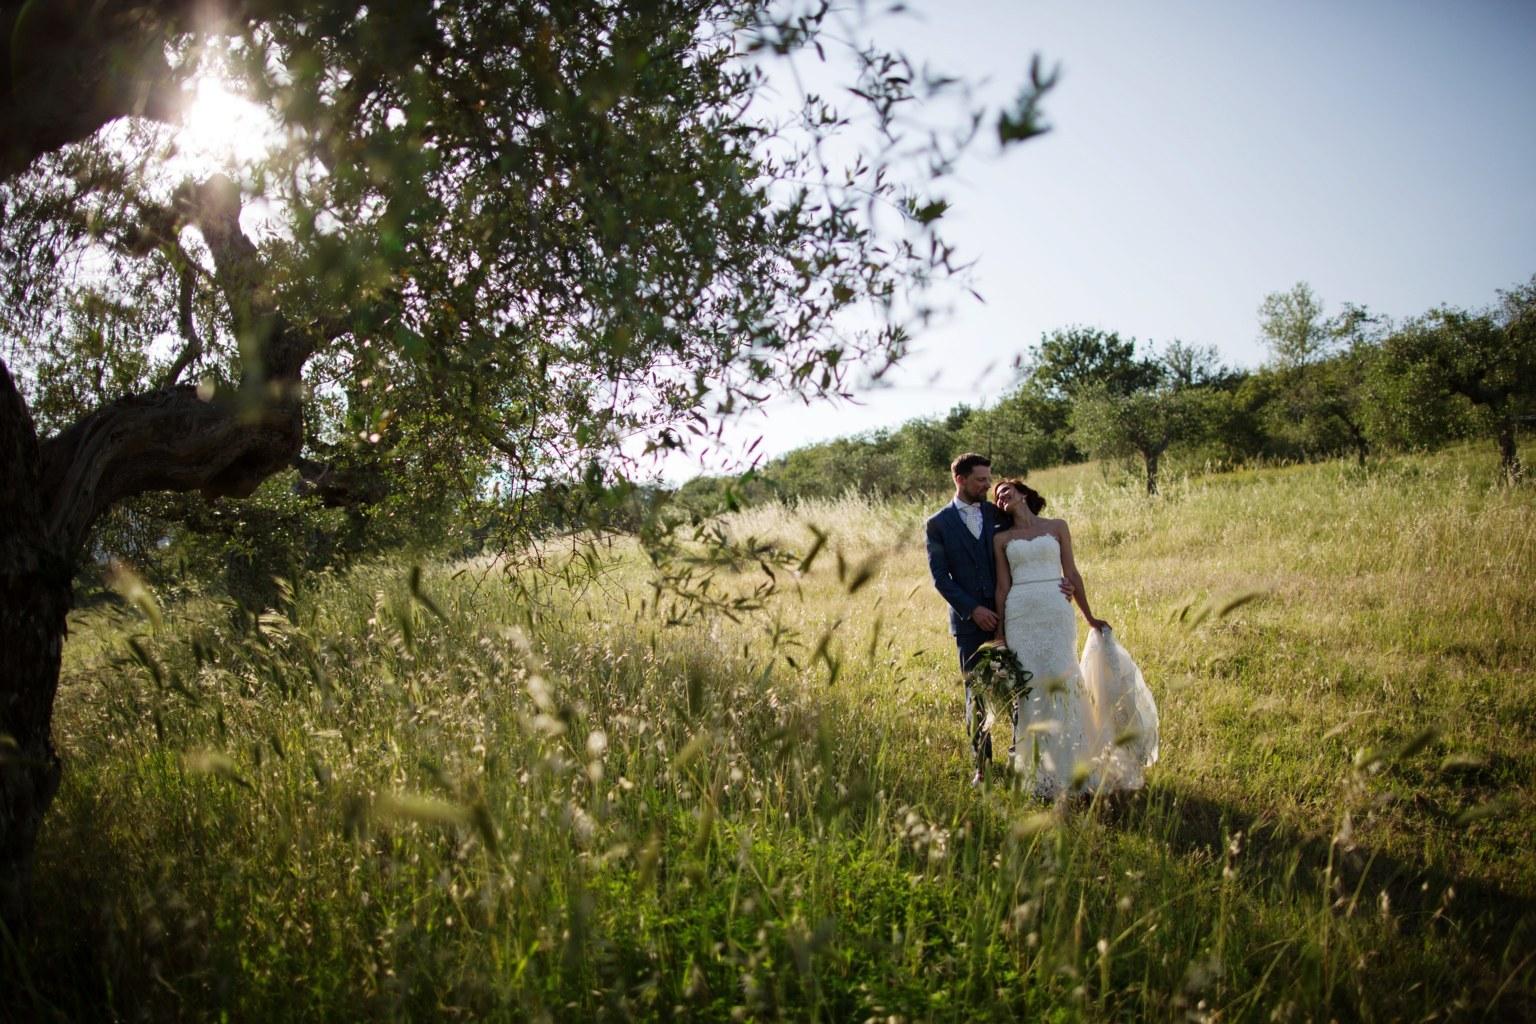 Matrimonio in Umbria - Wedding in Umbria 13